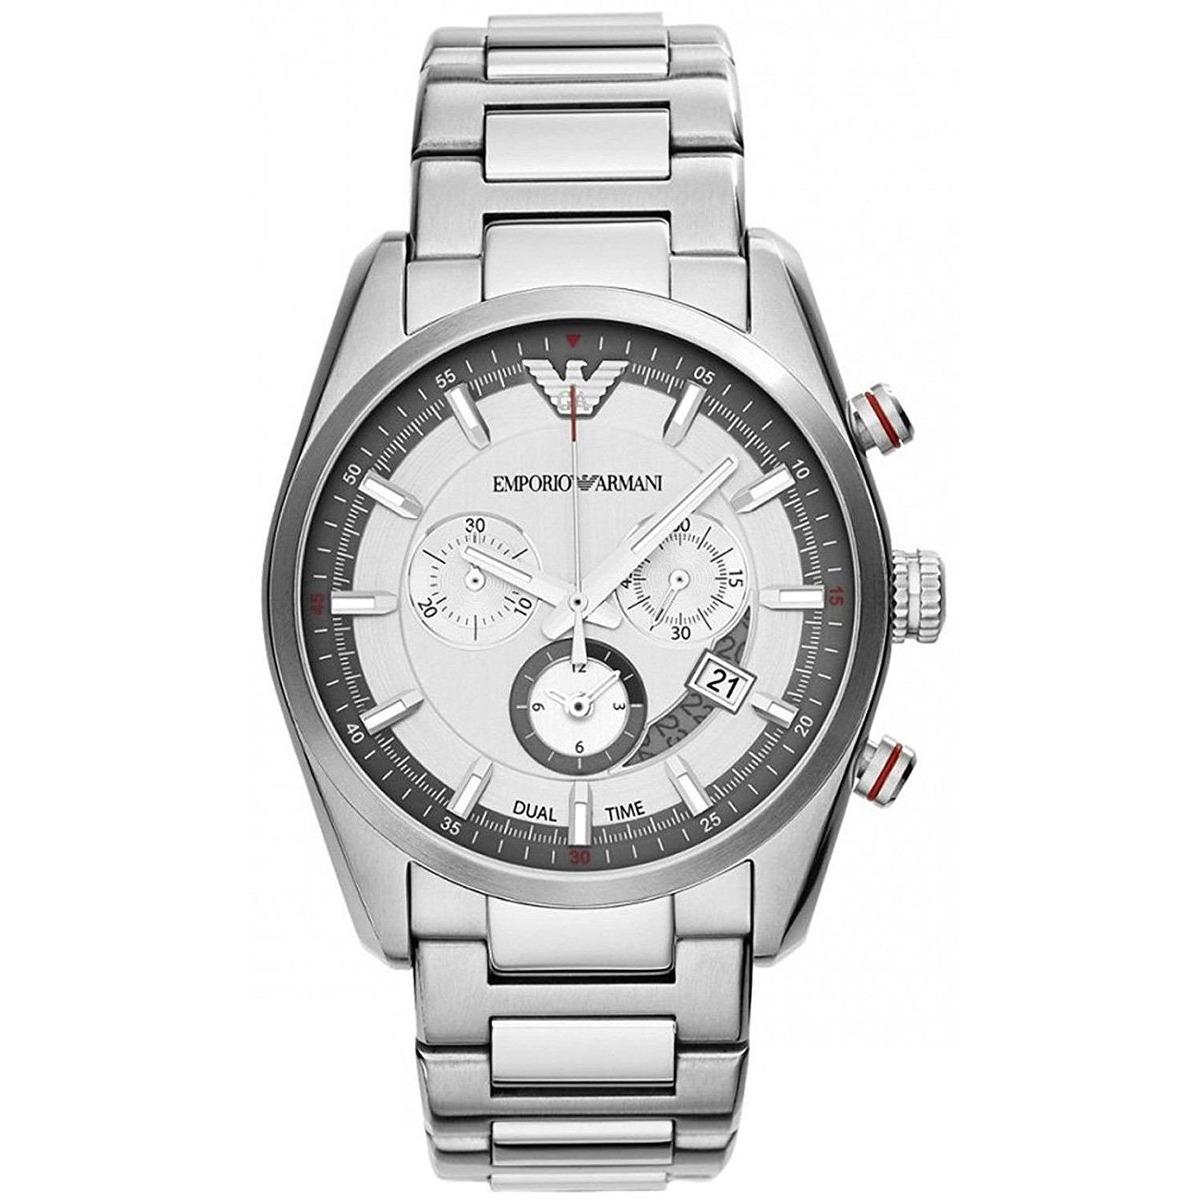 a53f6bd9c9d0 reloj emporio armani para hombre ar6036 deportivo 42.5mm. Cargando zoom.